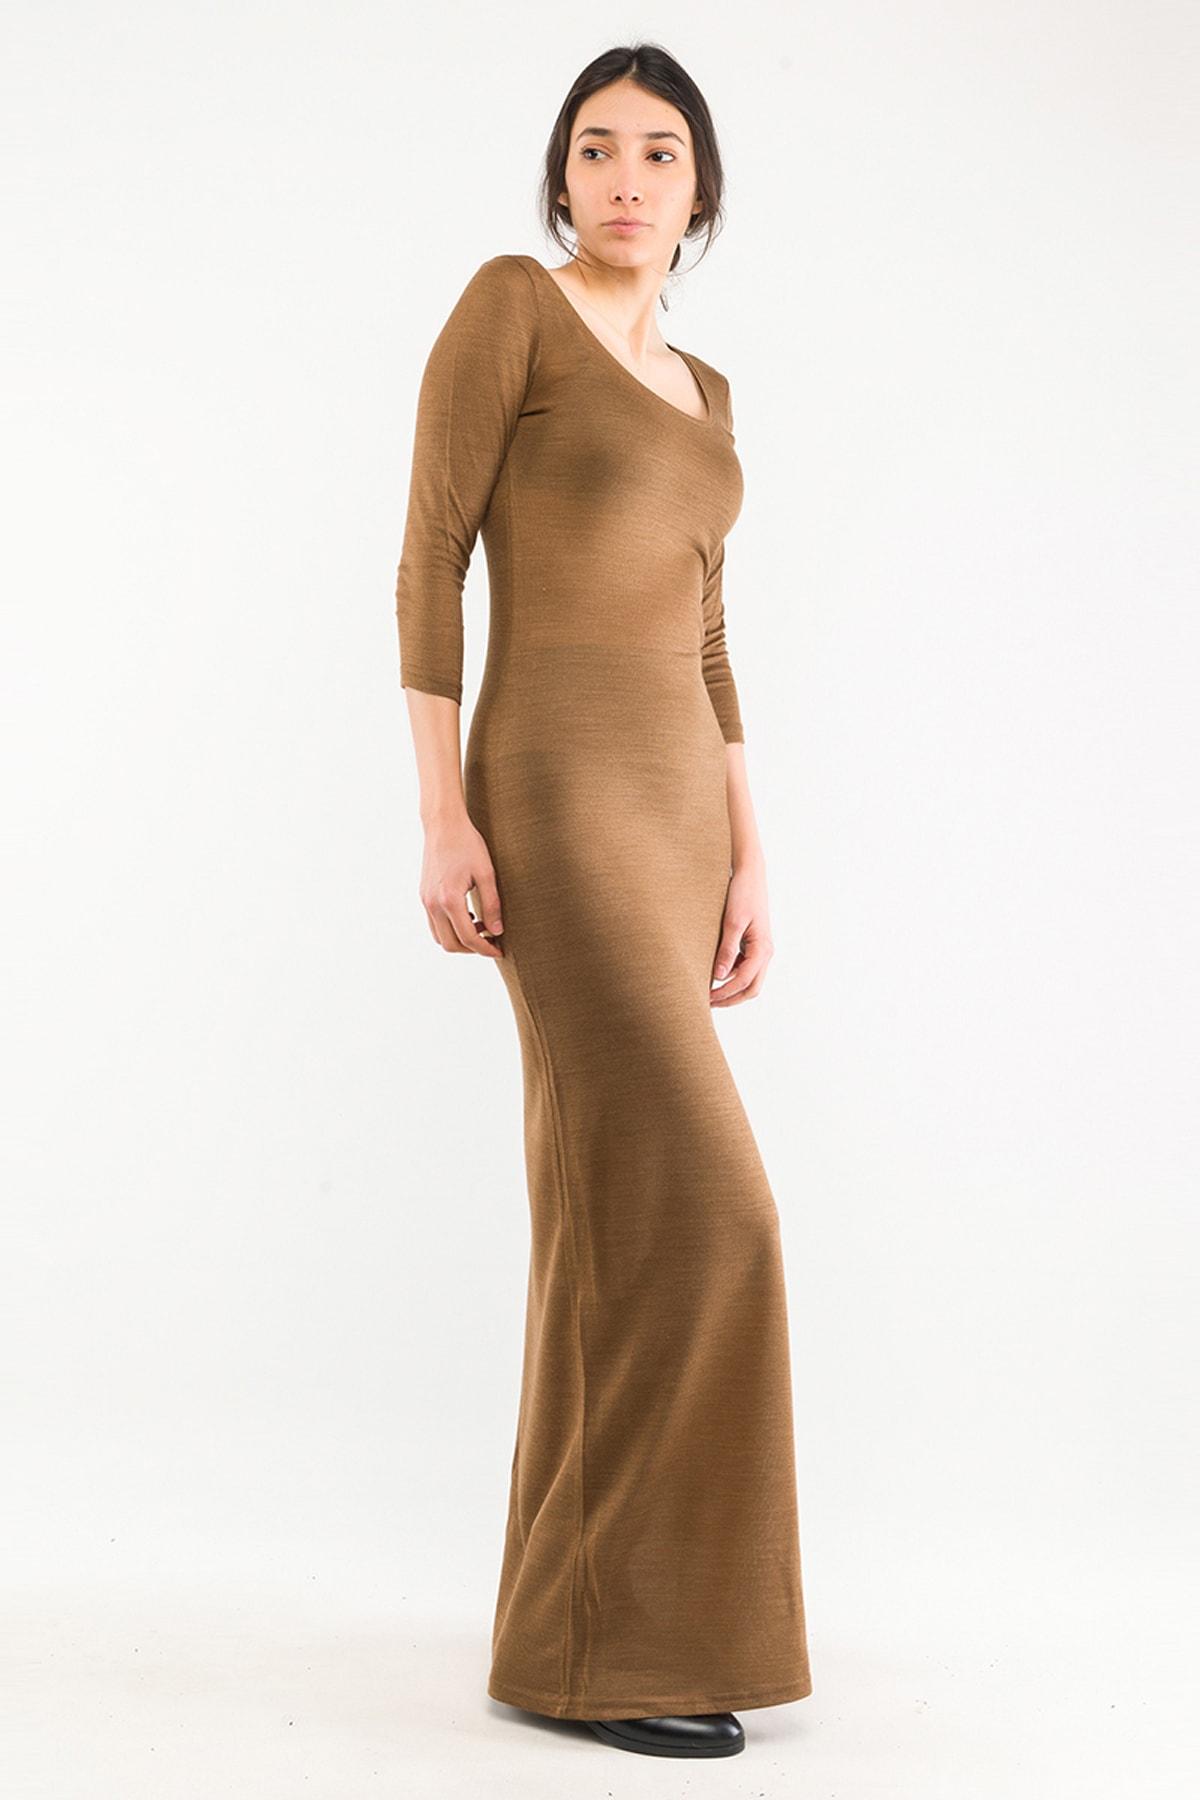 Vero Moda Kadın Tunik Camel Vr012 2